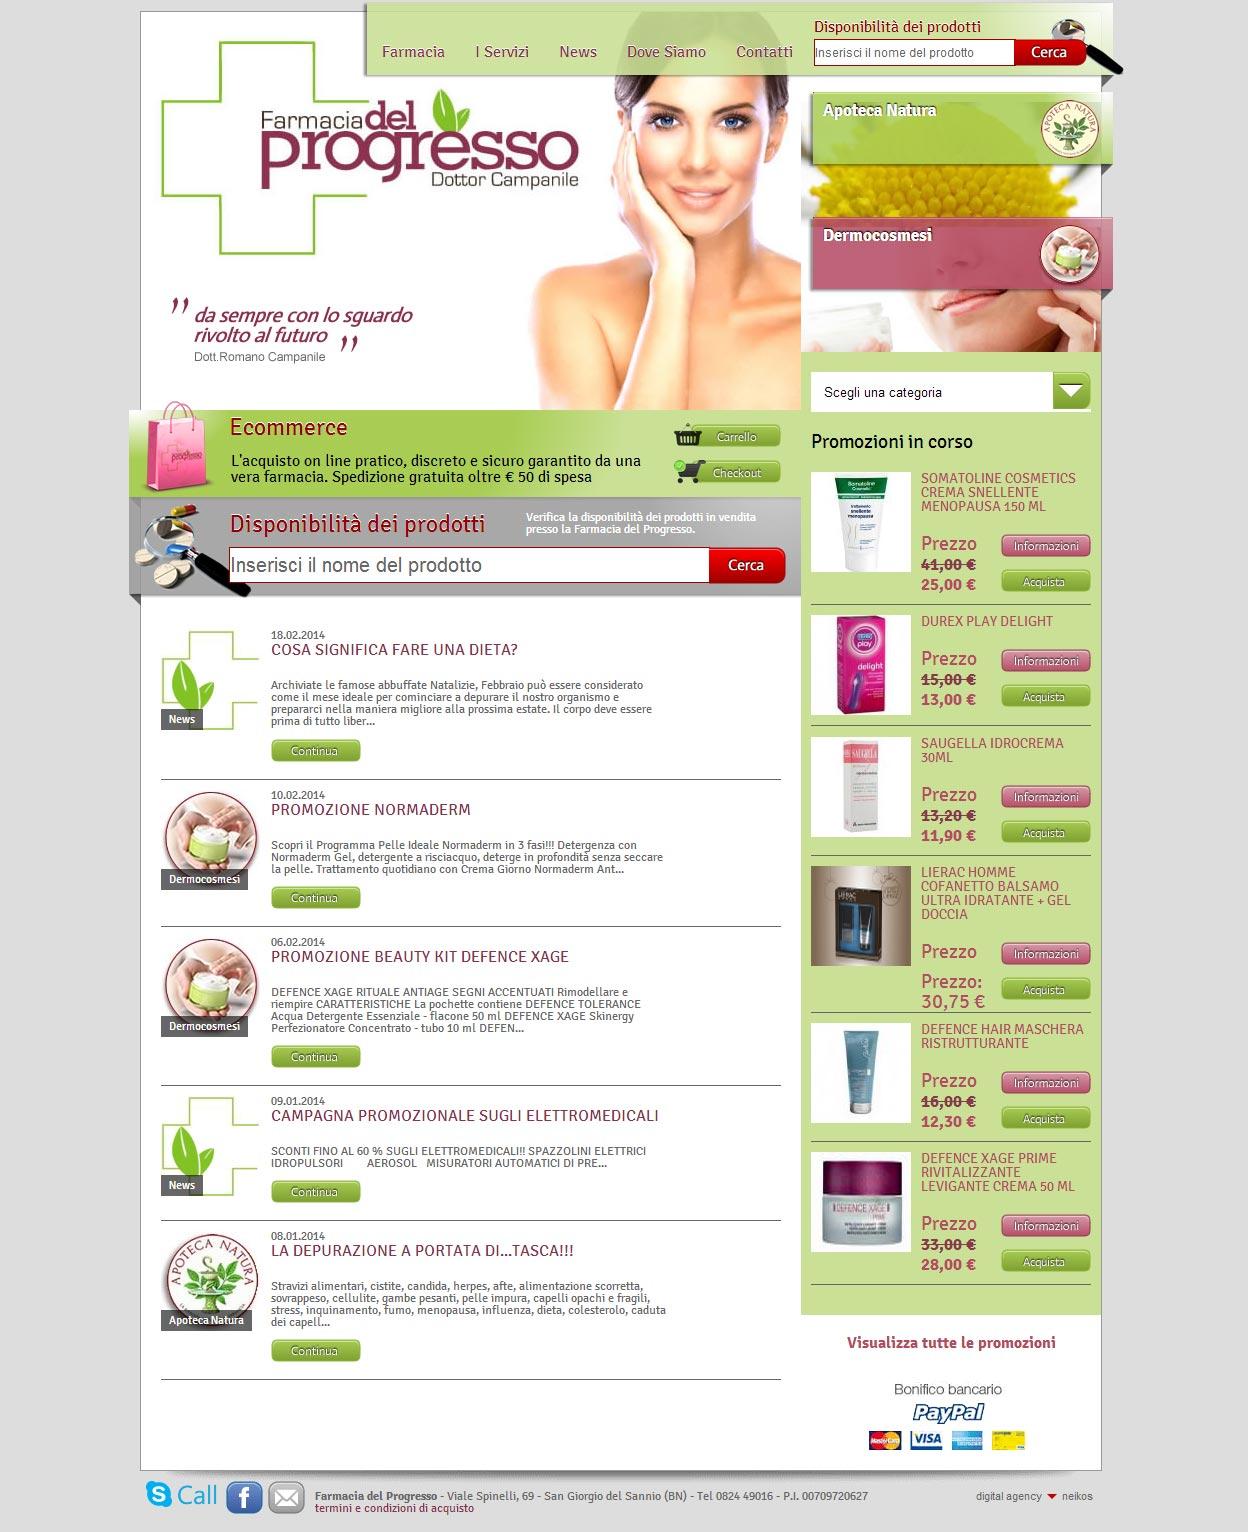 Farmacia del Progresso, catalogo online cosmetici